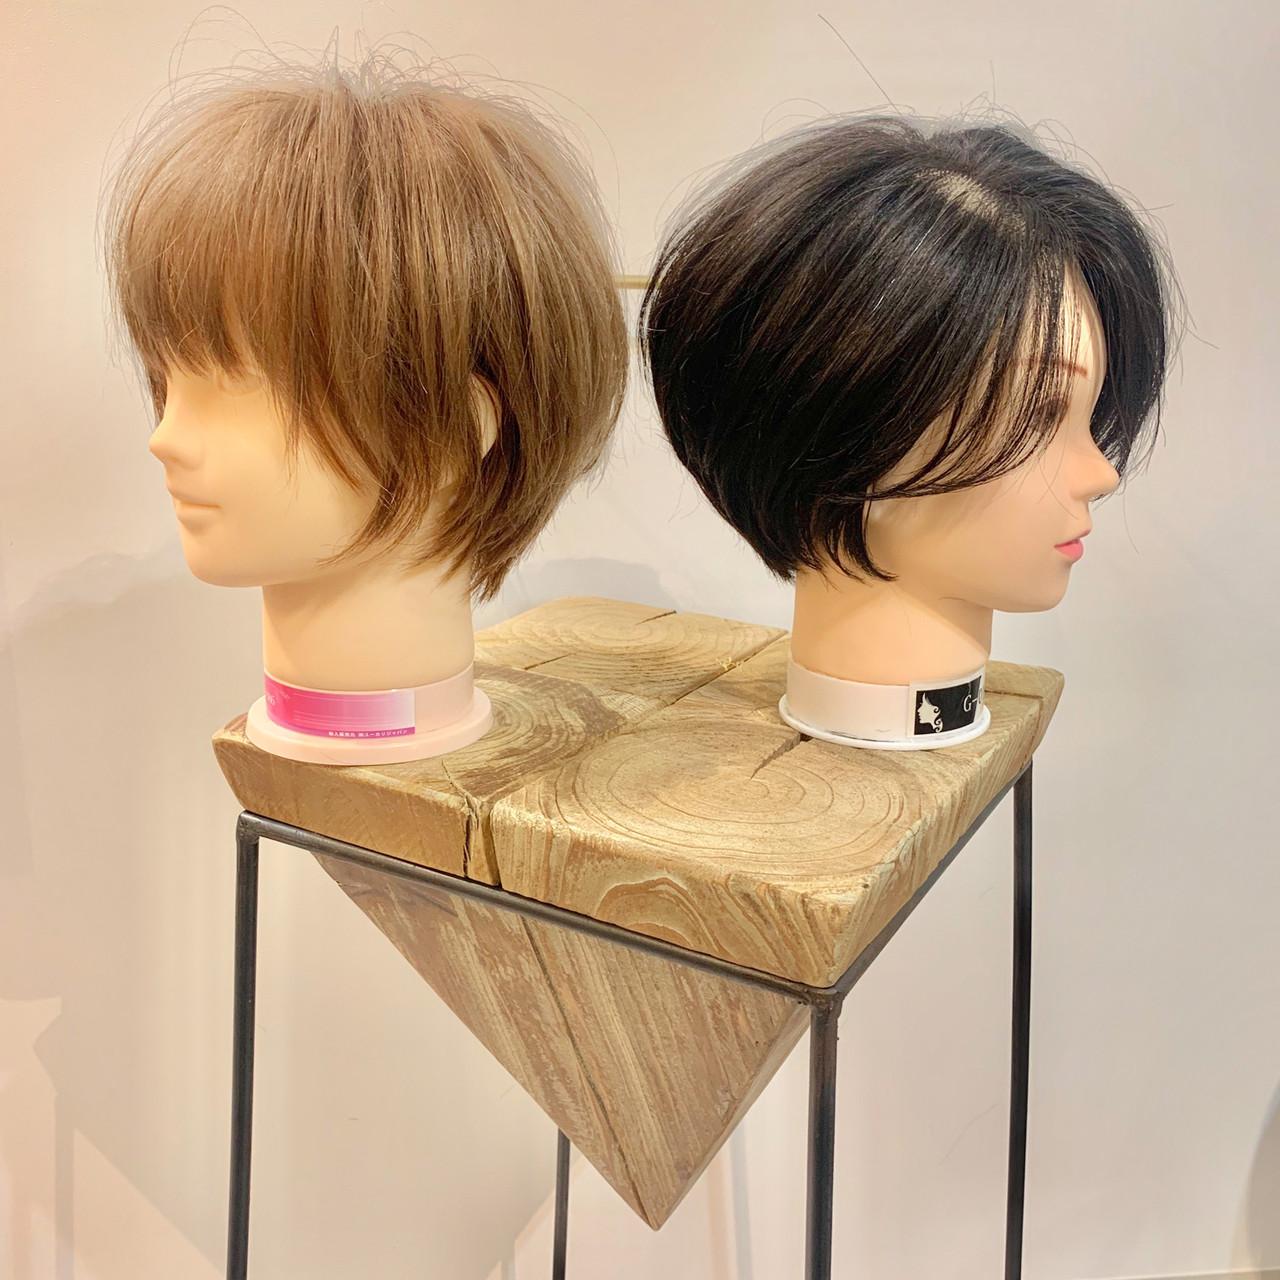 スポーツ ナチュラル デート 簡単ヘアアレンジ ヘアスタイルや髪型の写真・画像 | ショートボブの匠【 山内大成 】『i.hair』 / 『 i. 』 omotesando